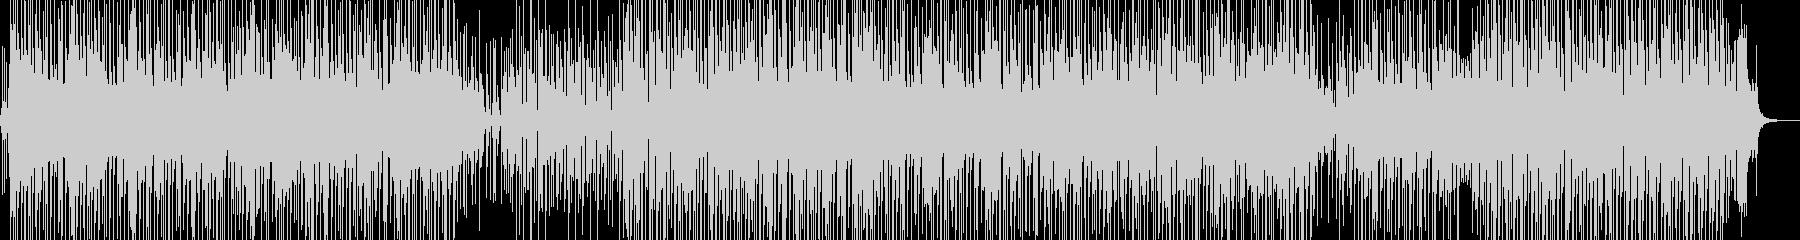 バカンスイメージのレゲェポップ Cの未再生の波形